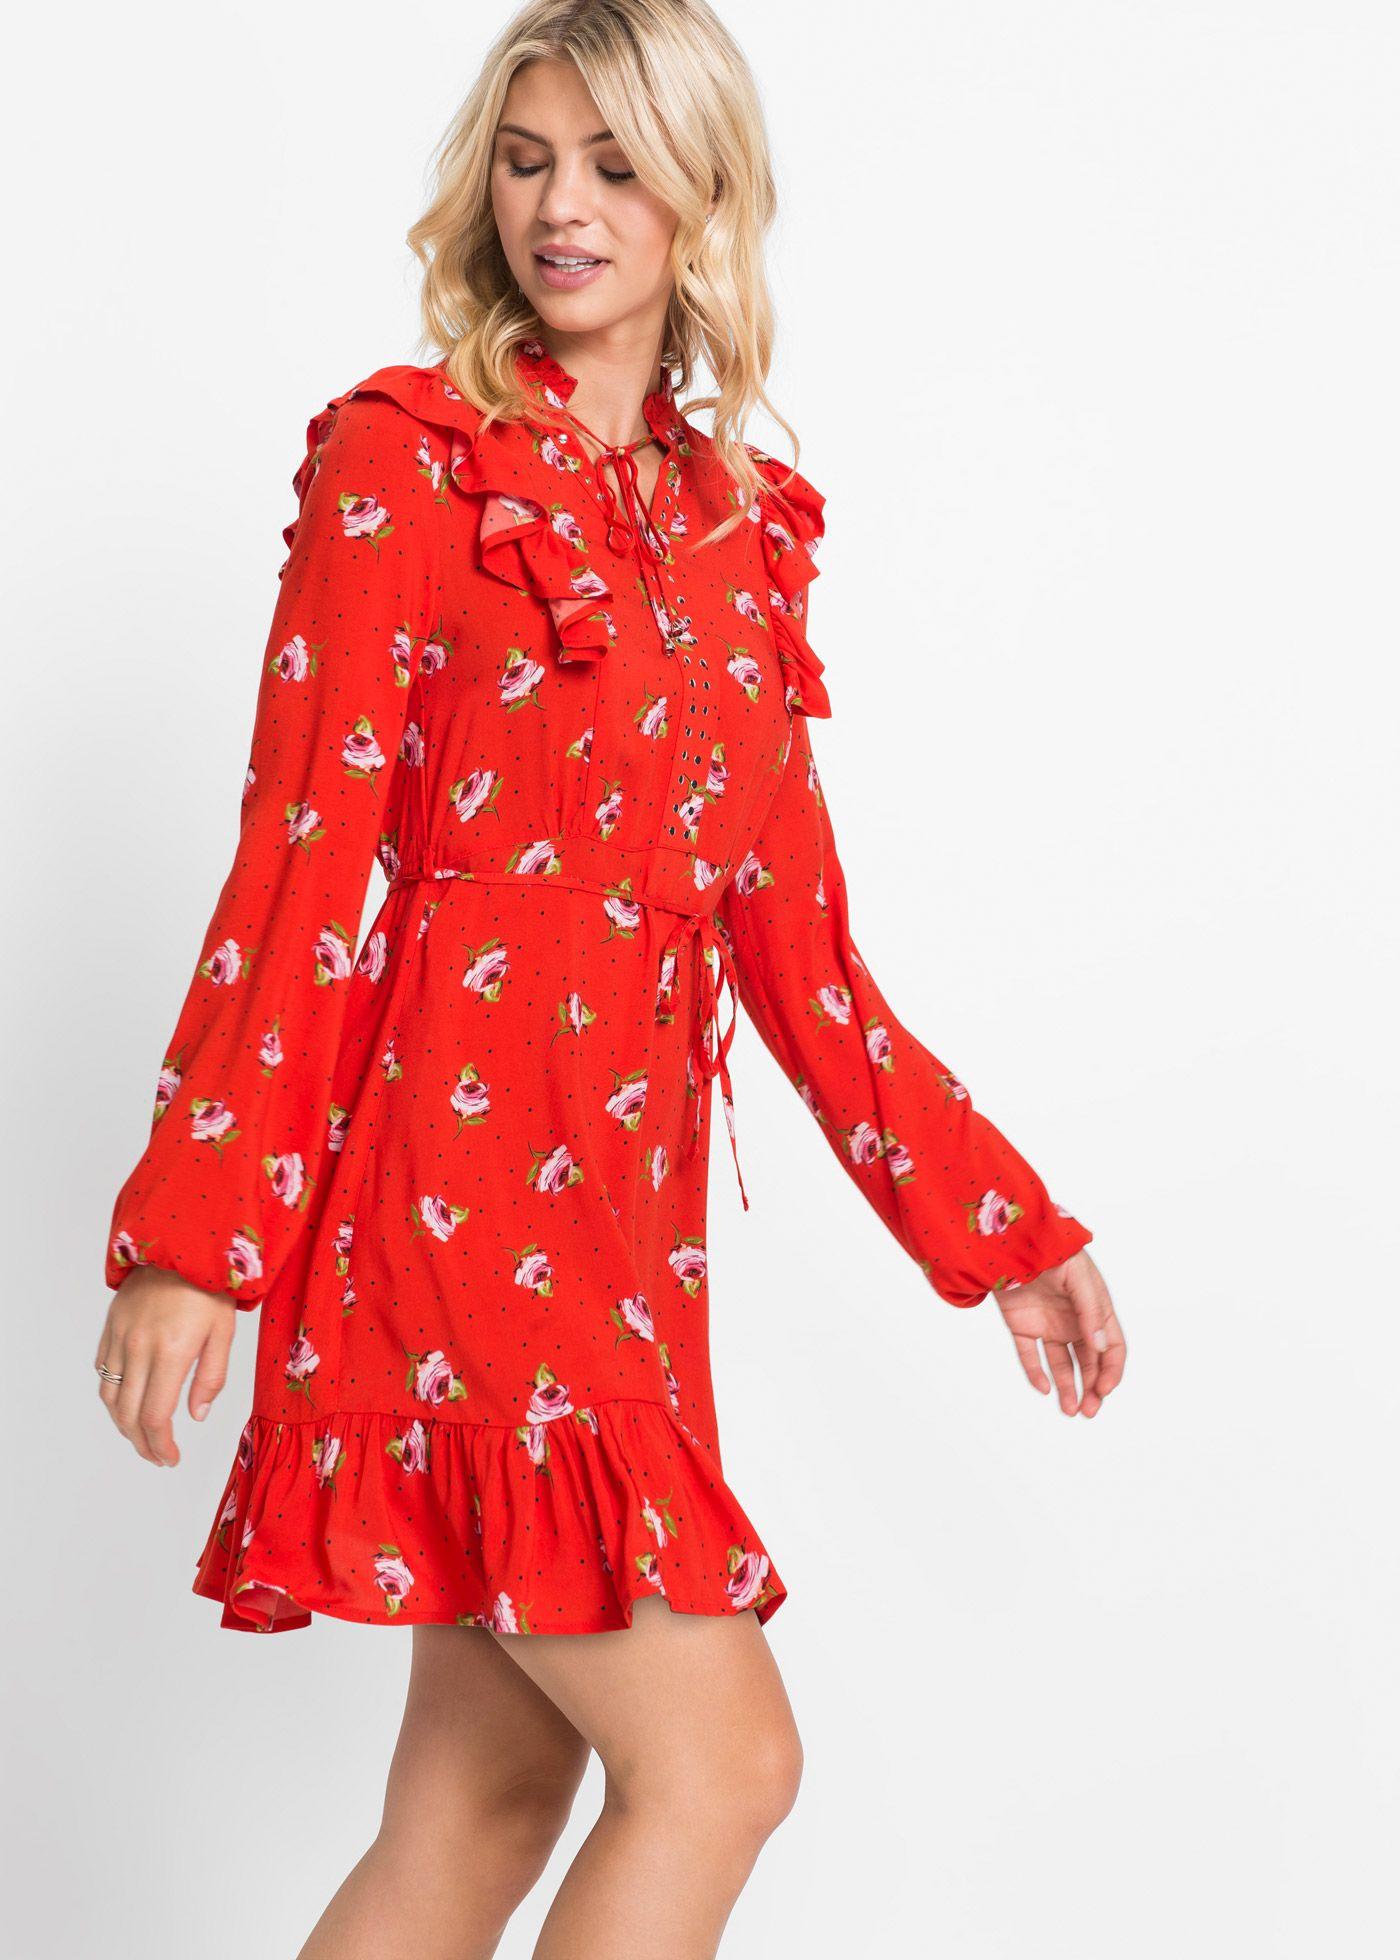 trendy und feminin zugleich ist dieses wunderschöne kleid